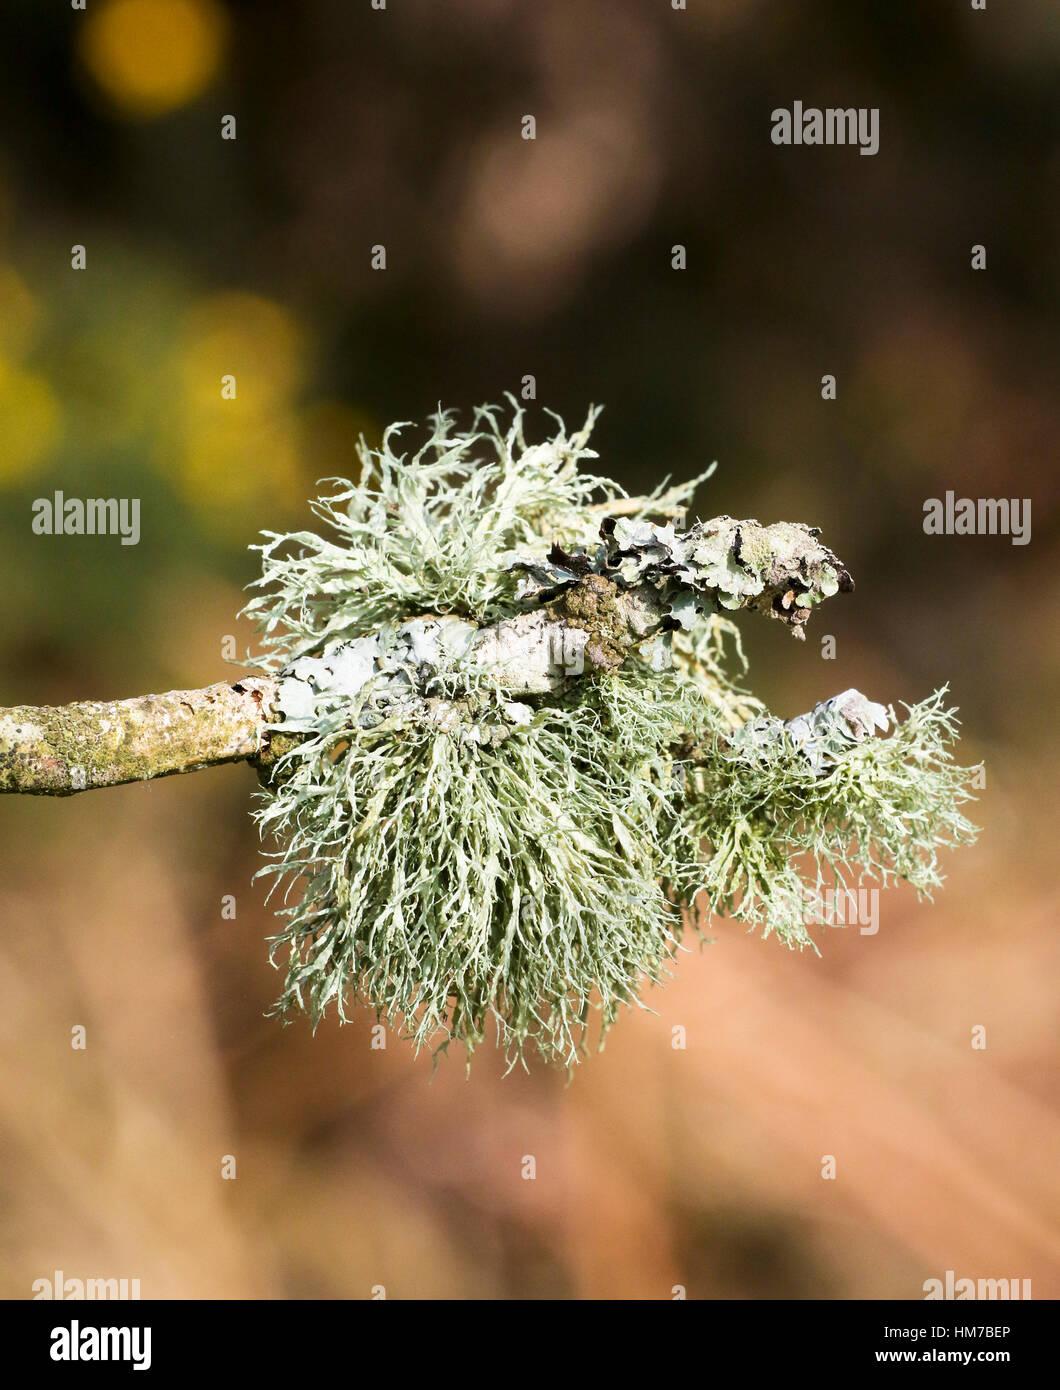 Reindeer Moss - Stock Image